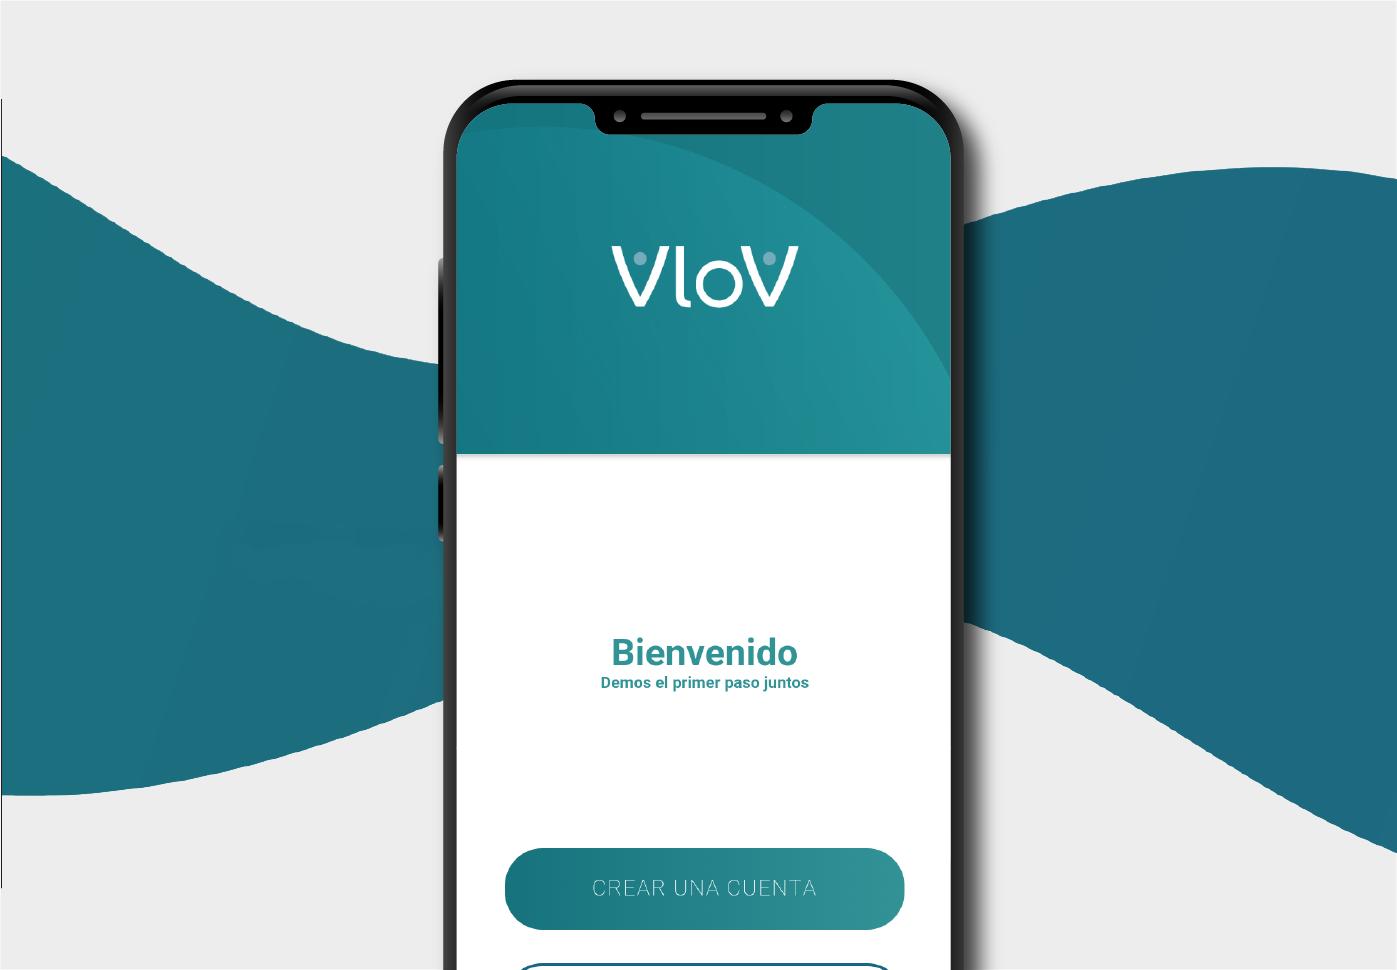 Vlov: app de apoyo para personas con consumos problemáticos